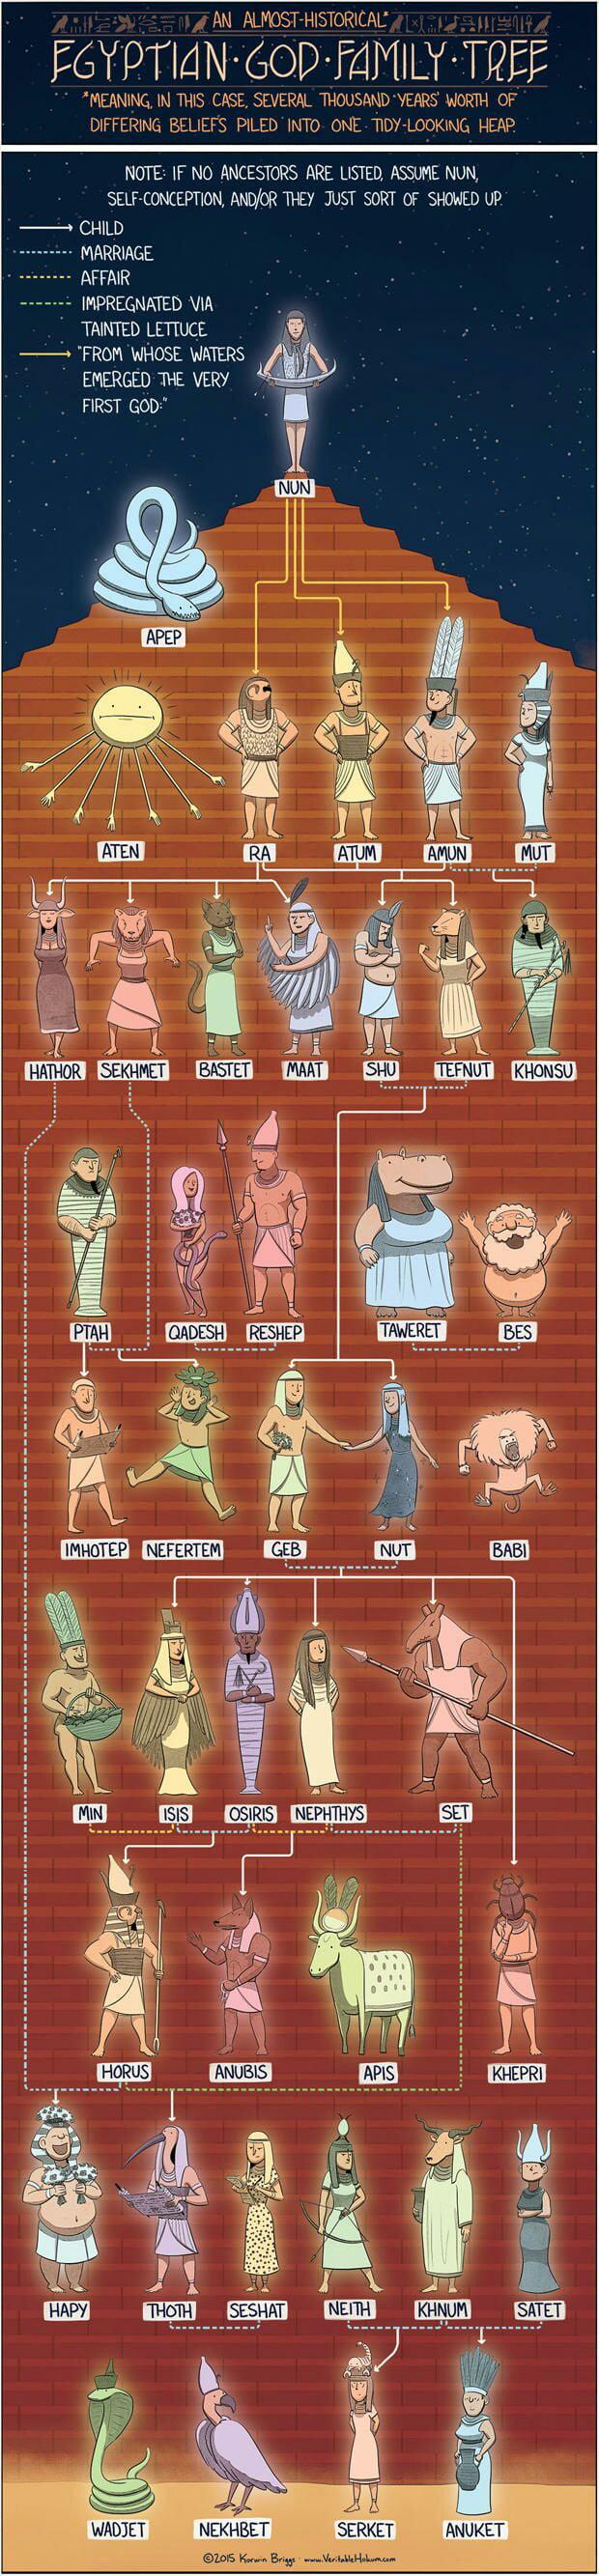 Genealogia dos deuses egípcios